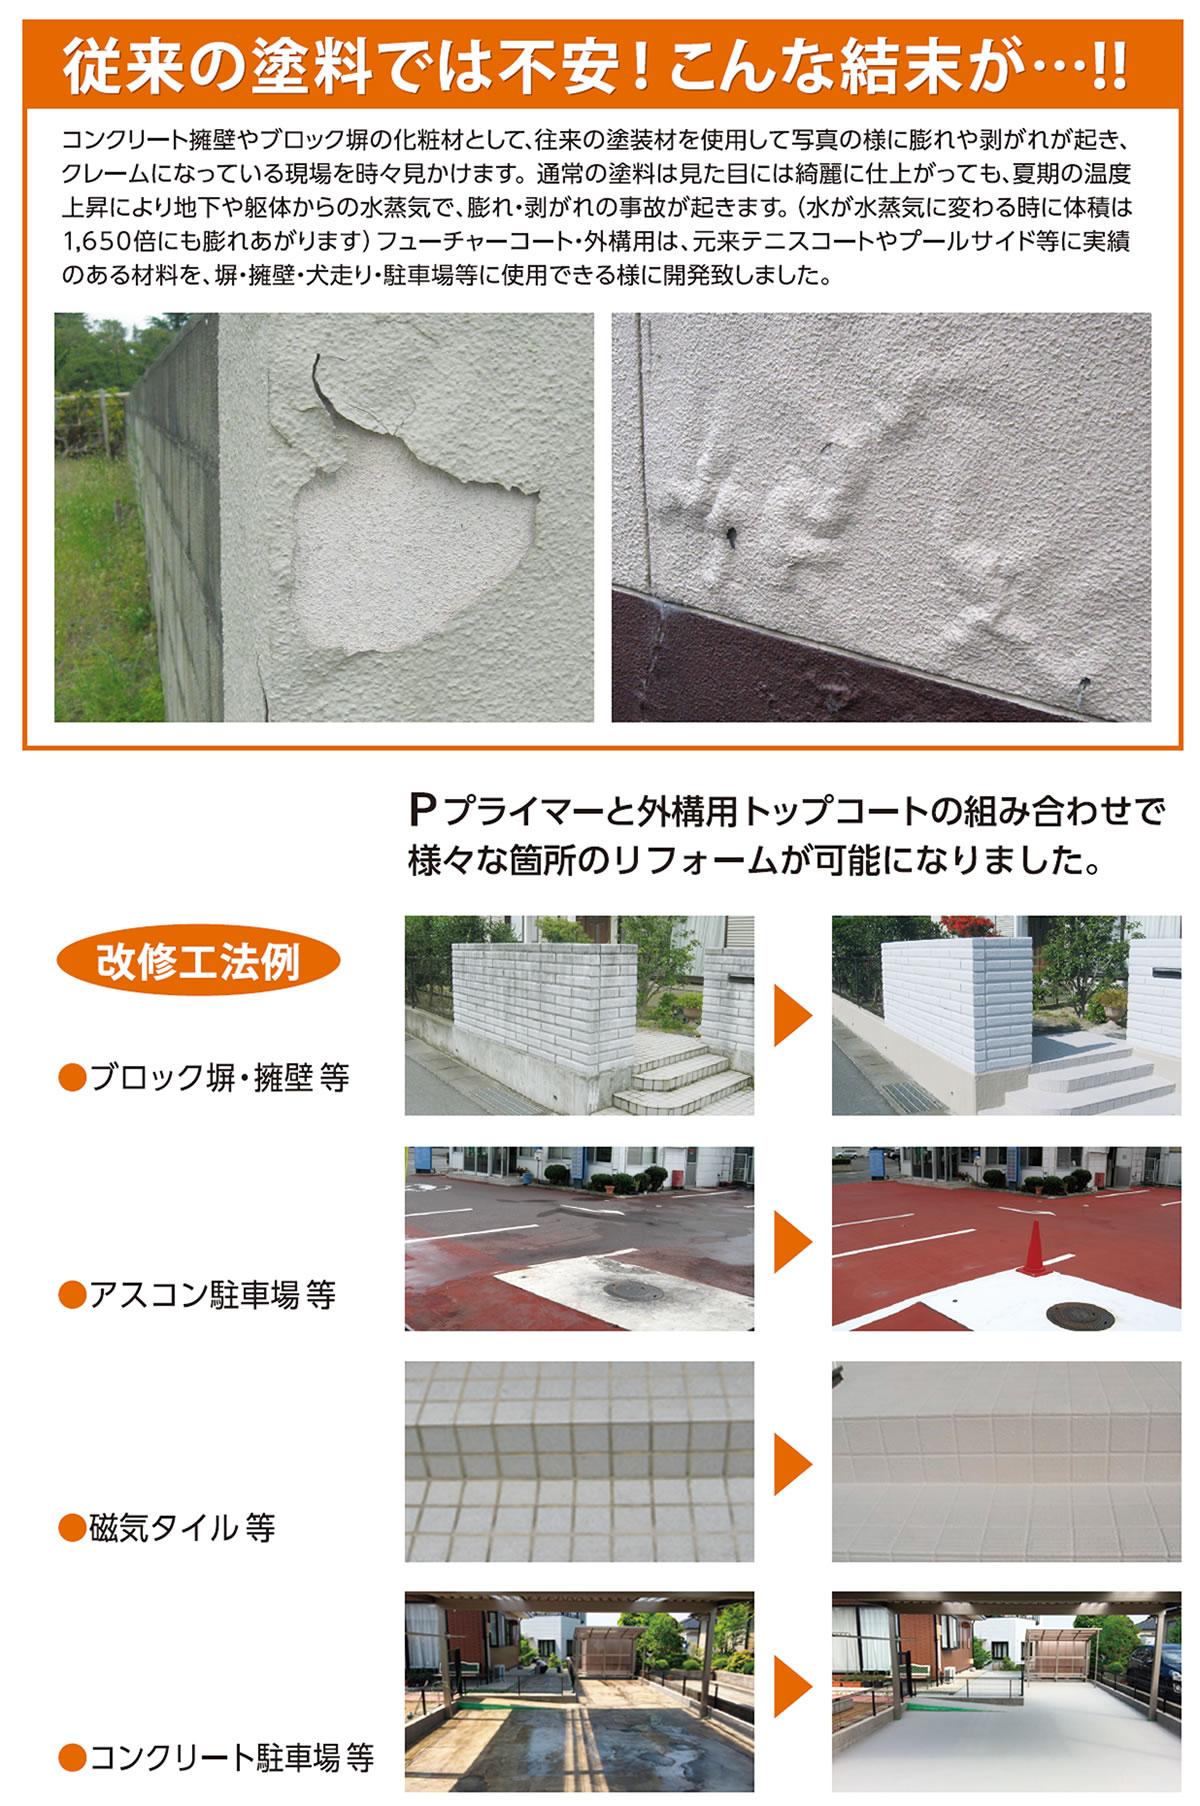 フューチャーコート外構、外構保護材、コンクリート保護材